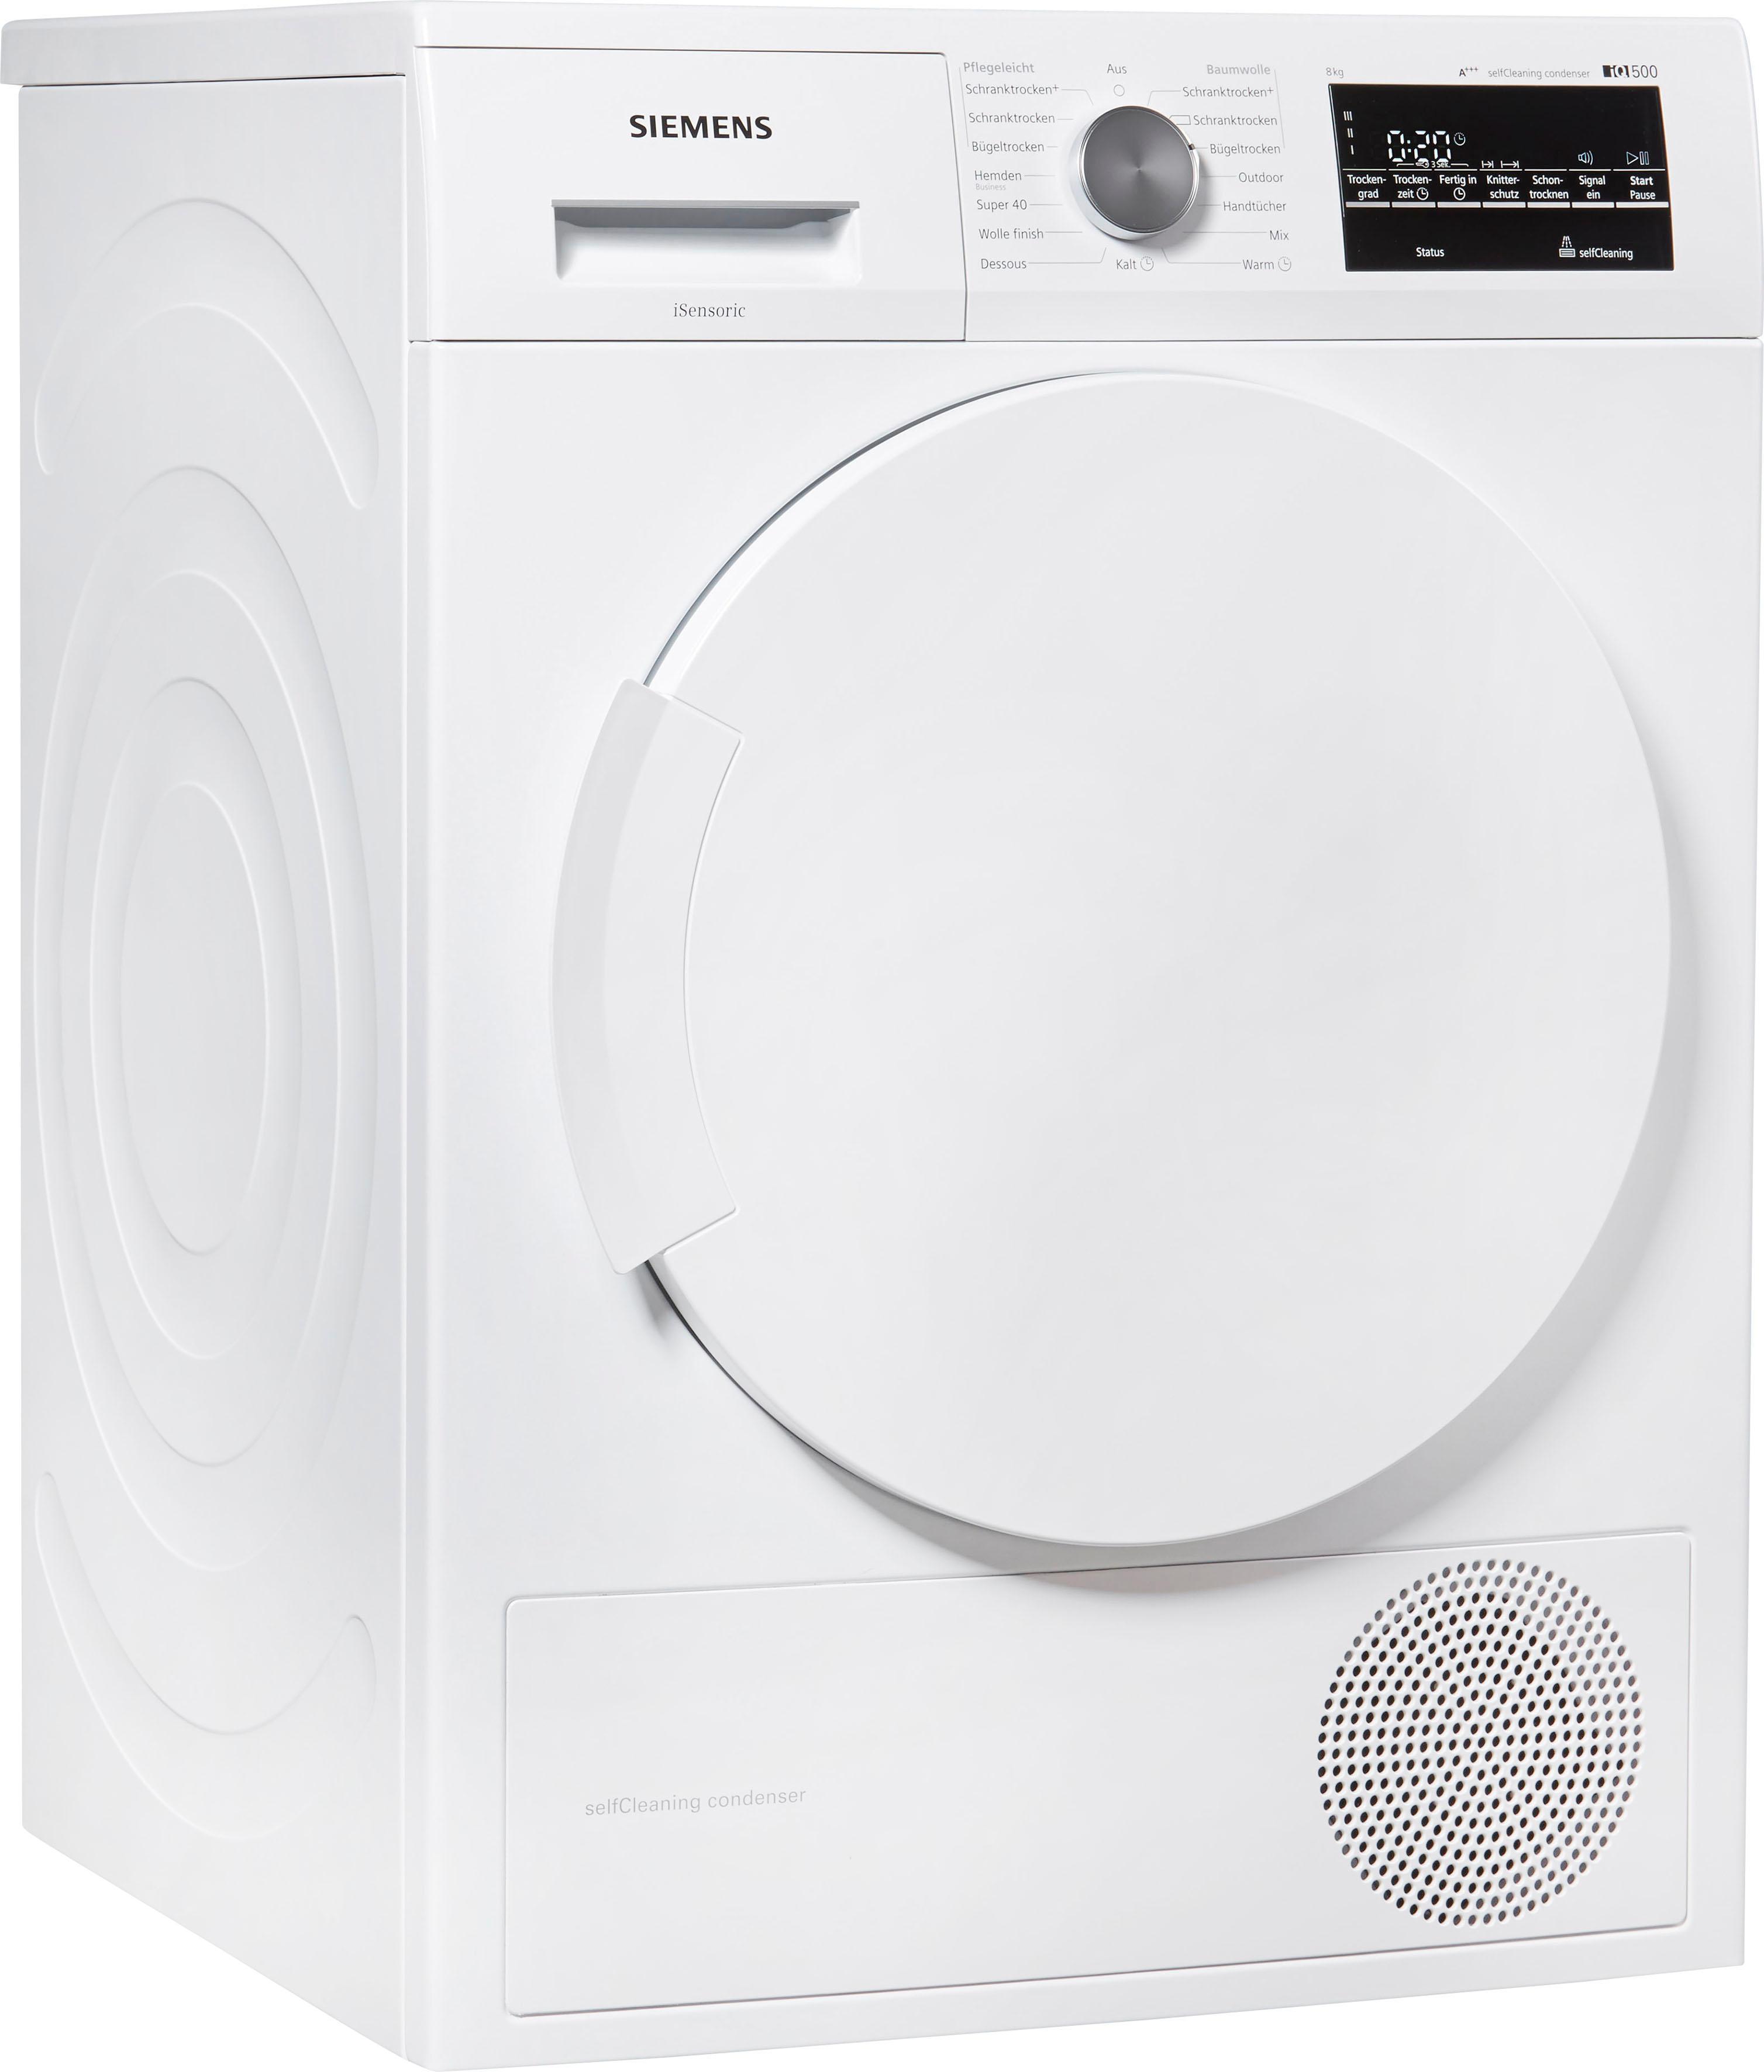 SIEMENS Wärmepumpentrockner IQ500 WT45W4ECO, 8 kg | Bad > Waschmaschinen und Trockner > Wärmepumpentrockner | Siemens